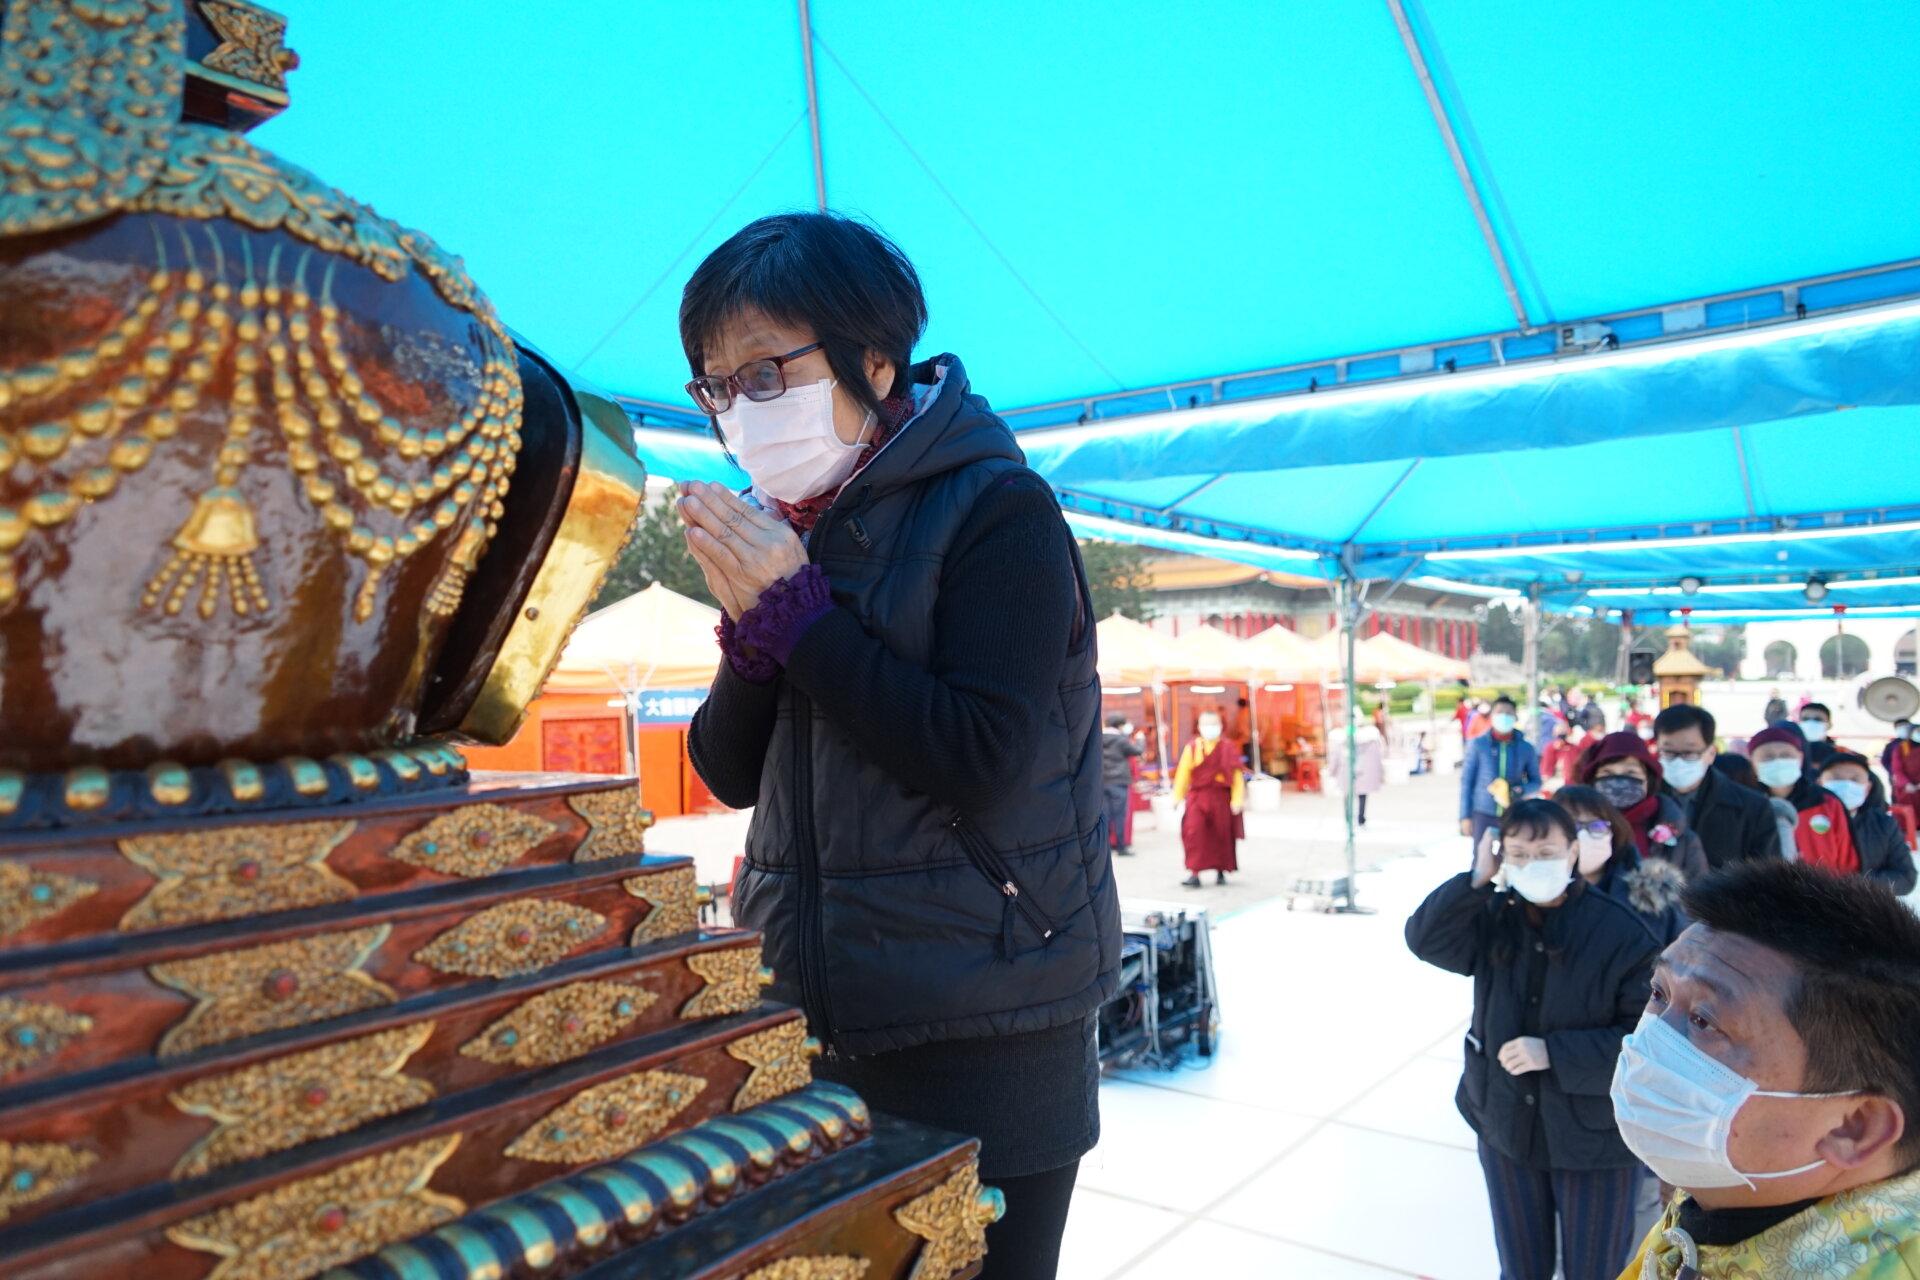 行動佛殿117站台北中正紀念堂,眾多民眾排隊虔誠瞻禮佛陀舍利